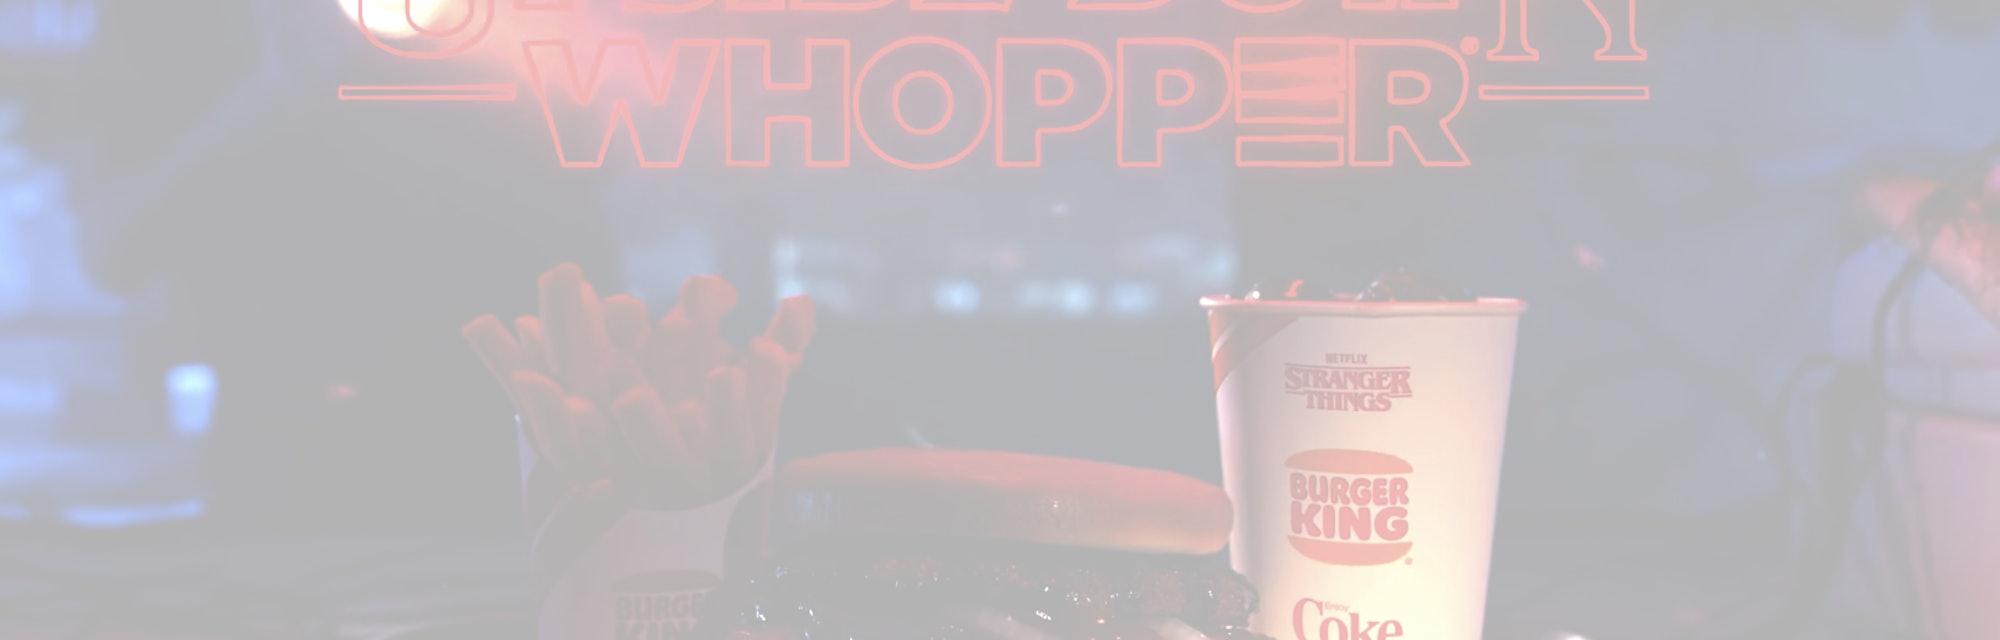 burger king stranger things